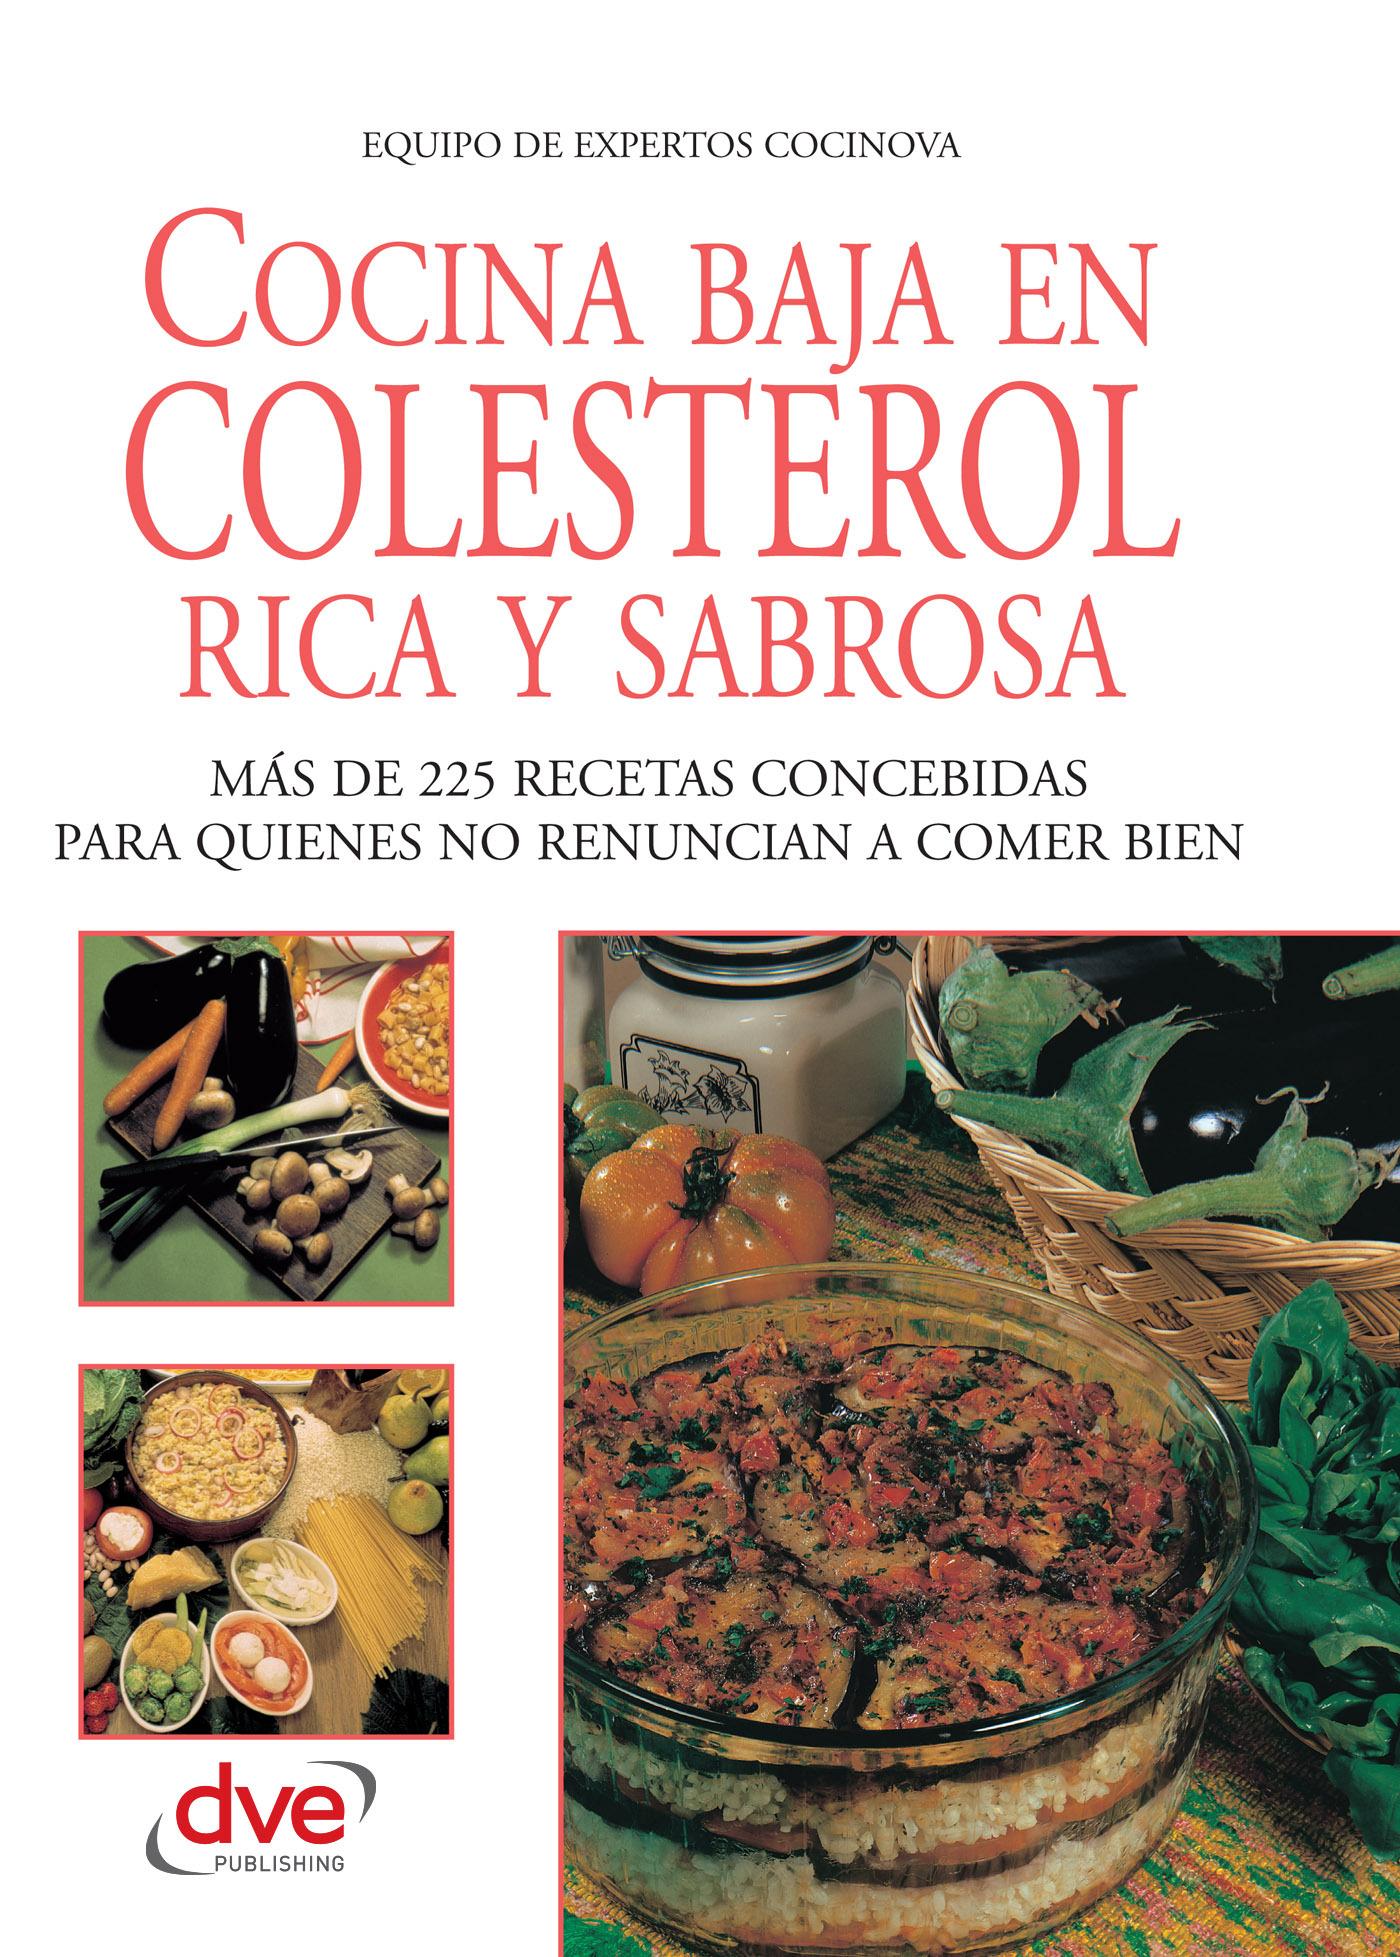 Cocinova, Equipo de expertos Cocinova Equipo de expertos - Cocina baja en colesterol rica y sabrosa, ebook